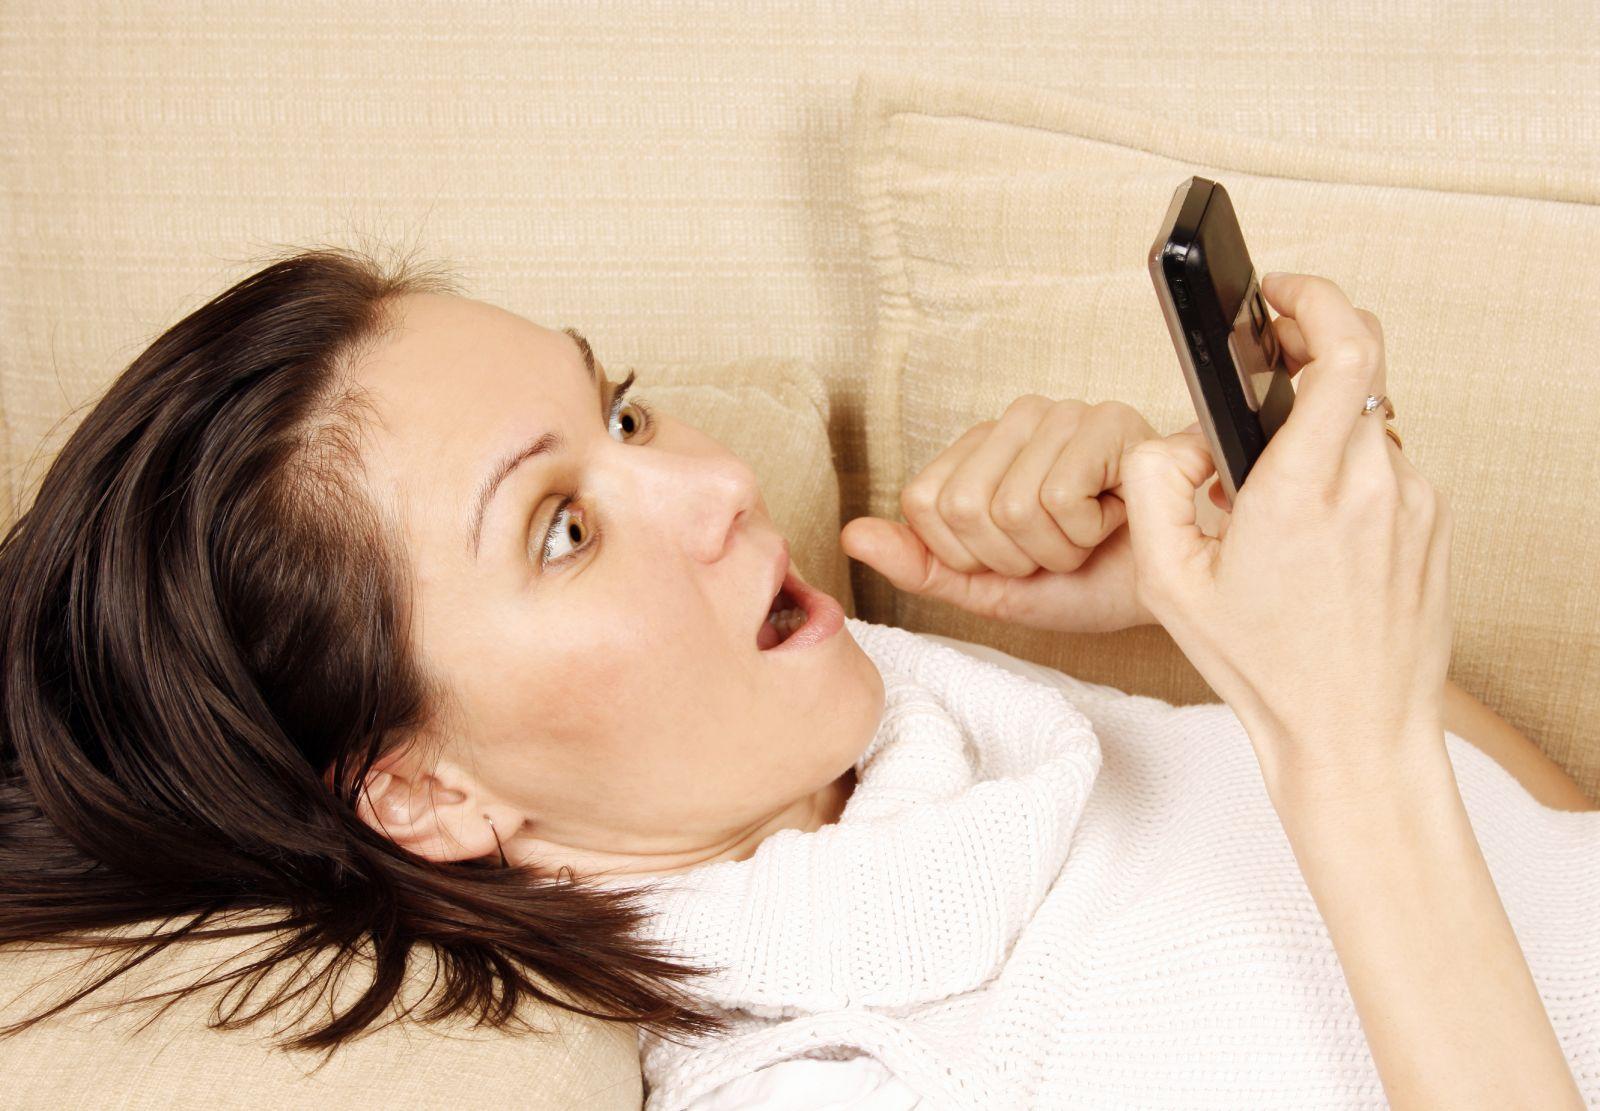 Изменяет парню разговаривая с ним по телефону онлайн фото 89-737